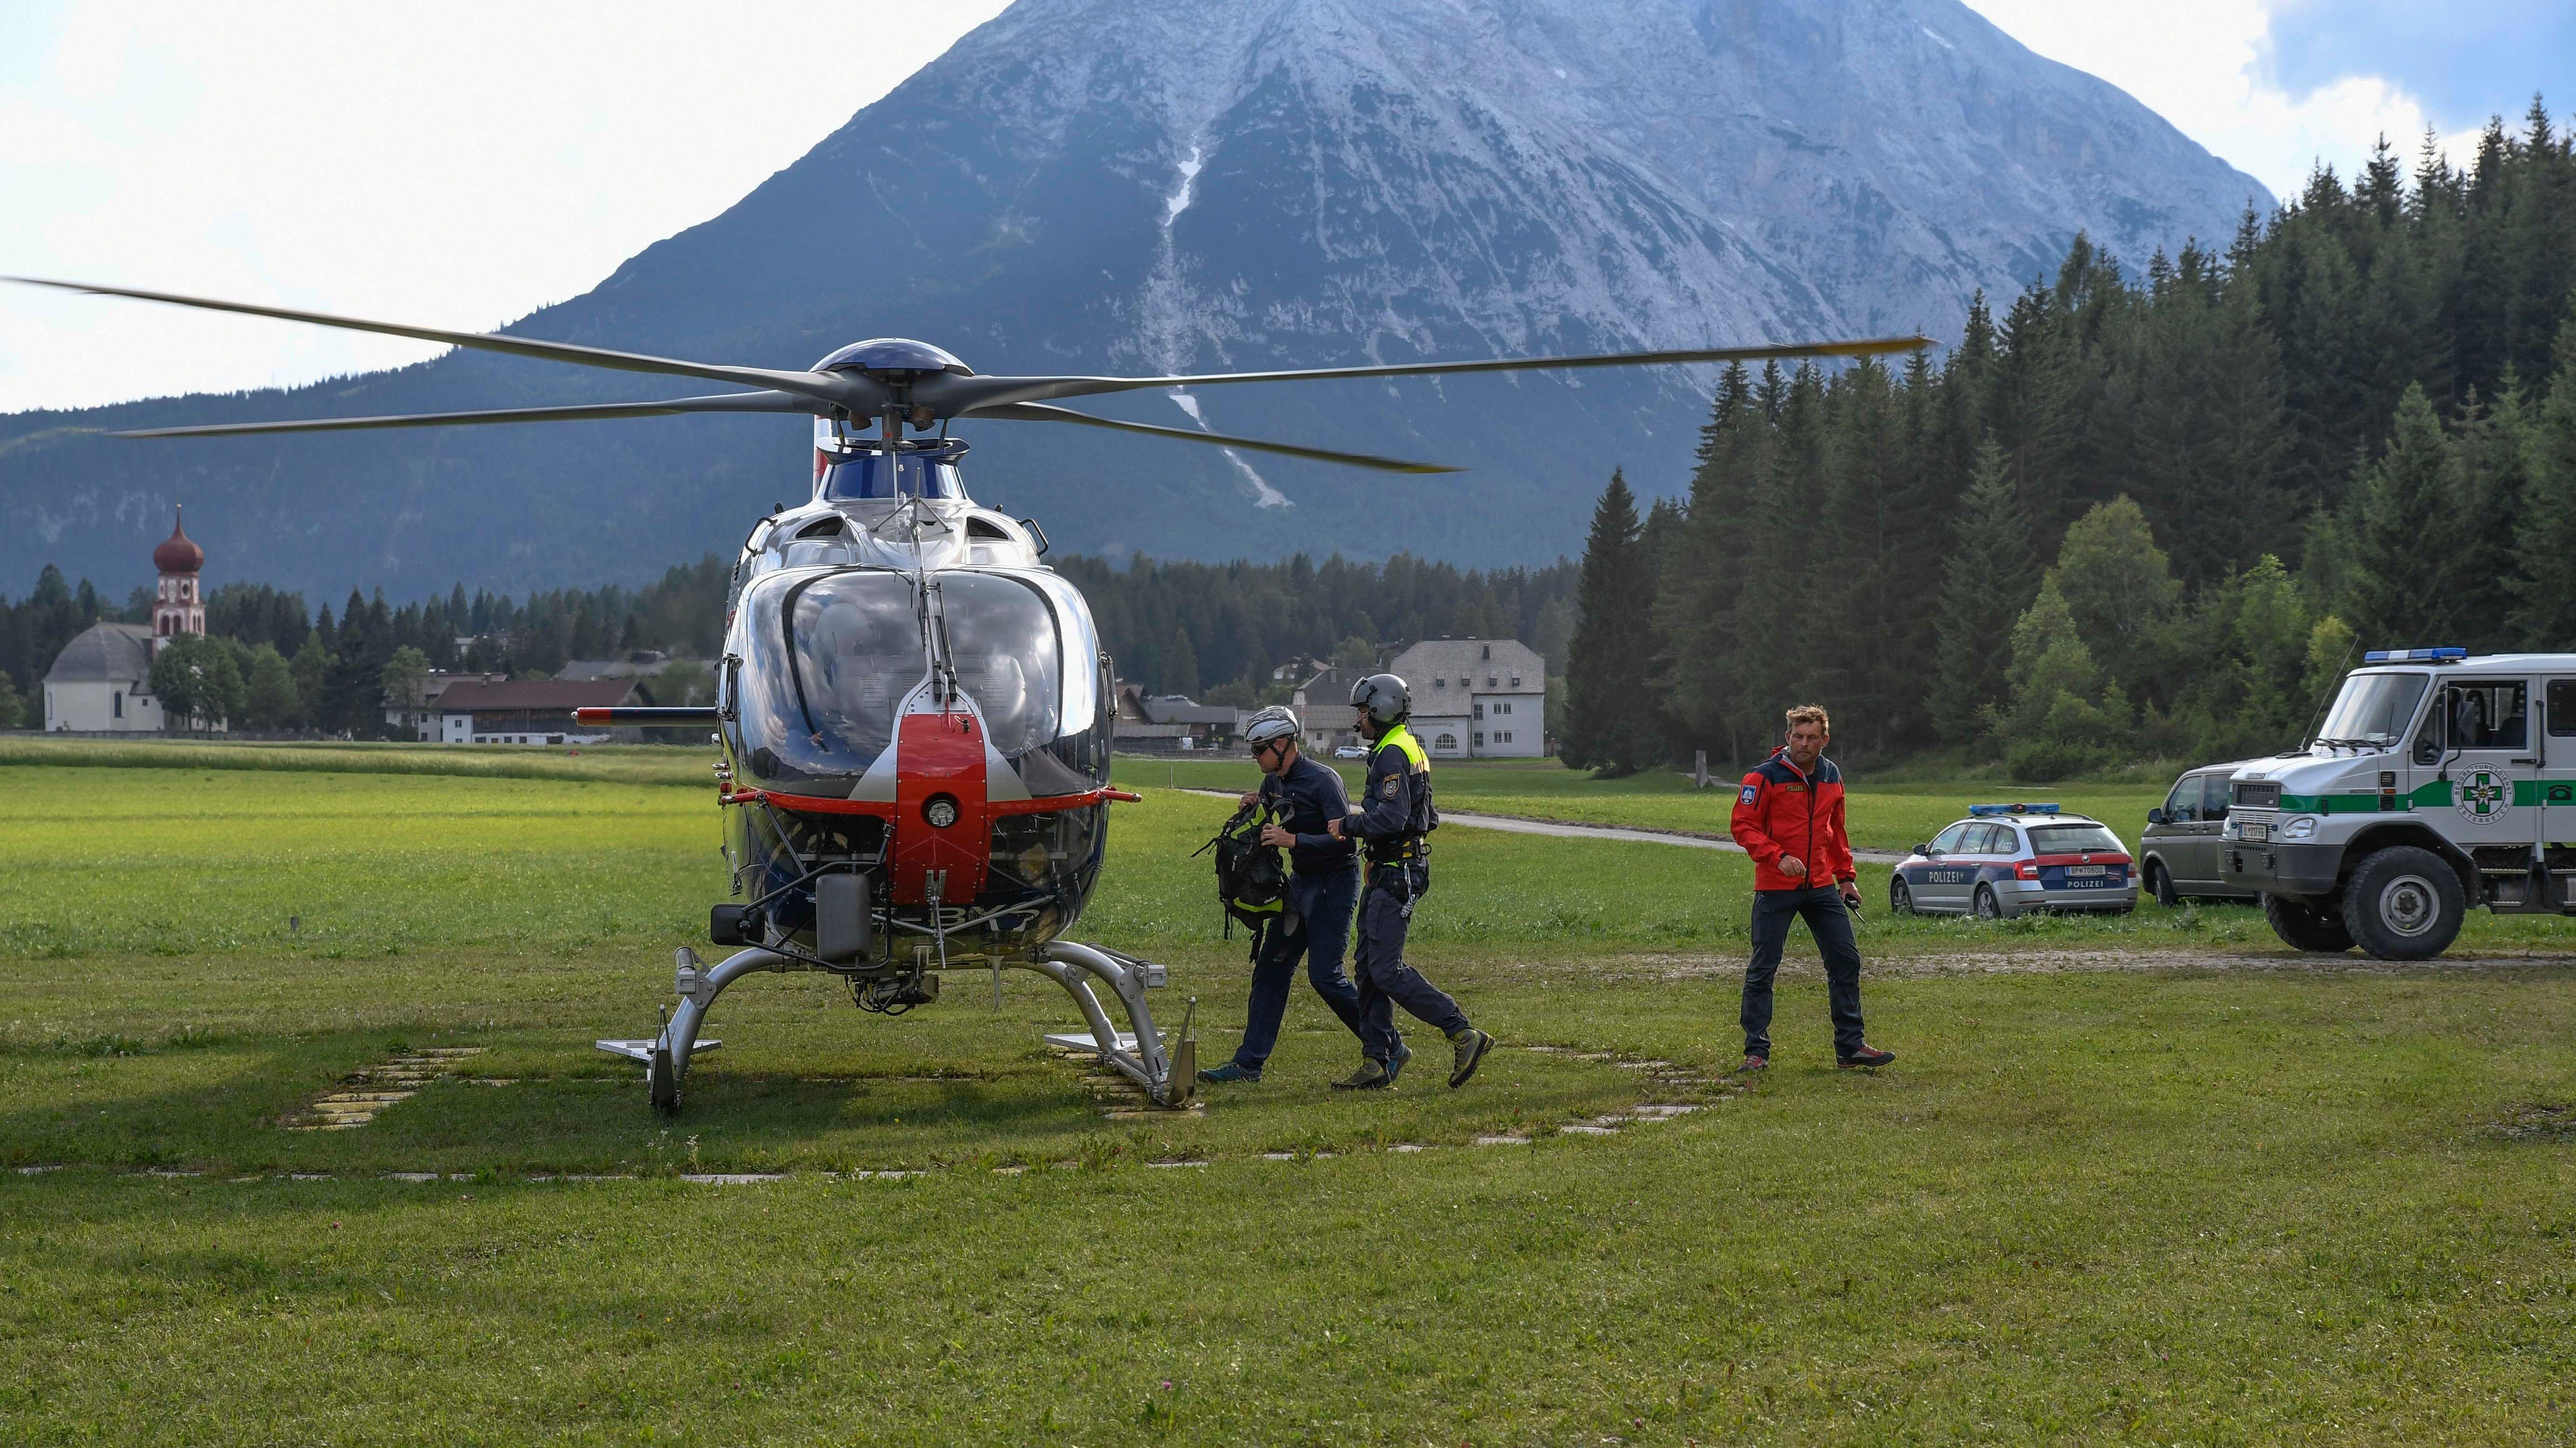 Absturz eines Klein-Flugzeugs im Wettersteingebirge